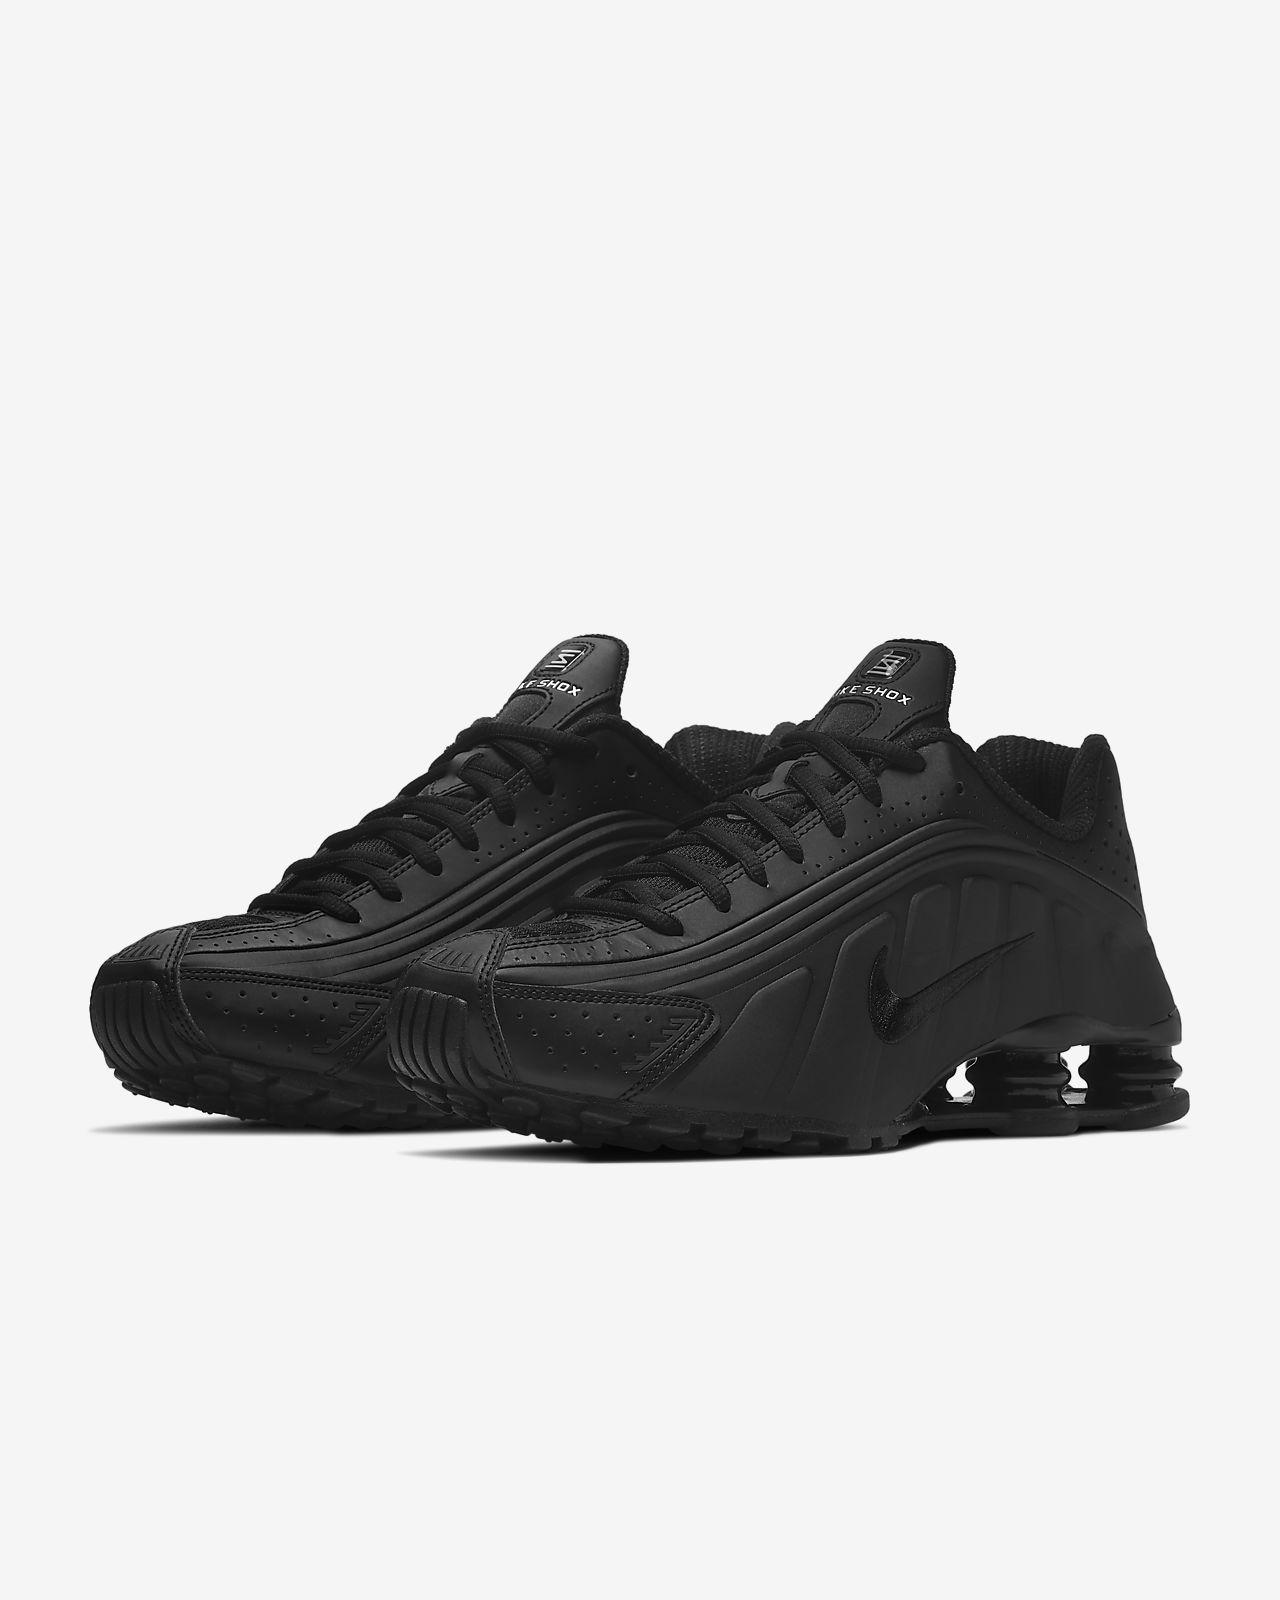 meilleure sélection 997cd a6cc5 Chaussure Nike Shox R4 pour Homme